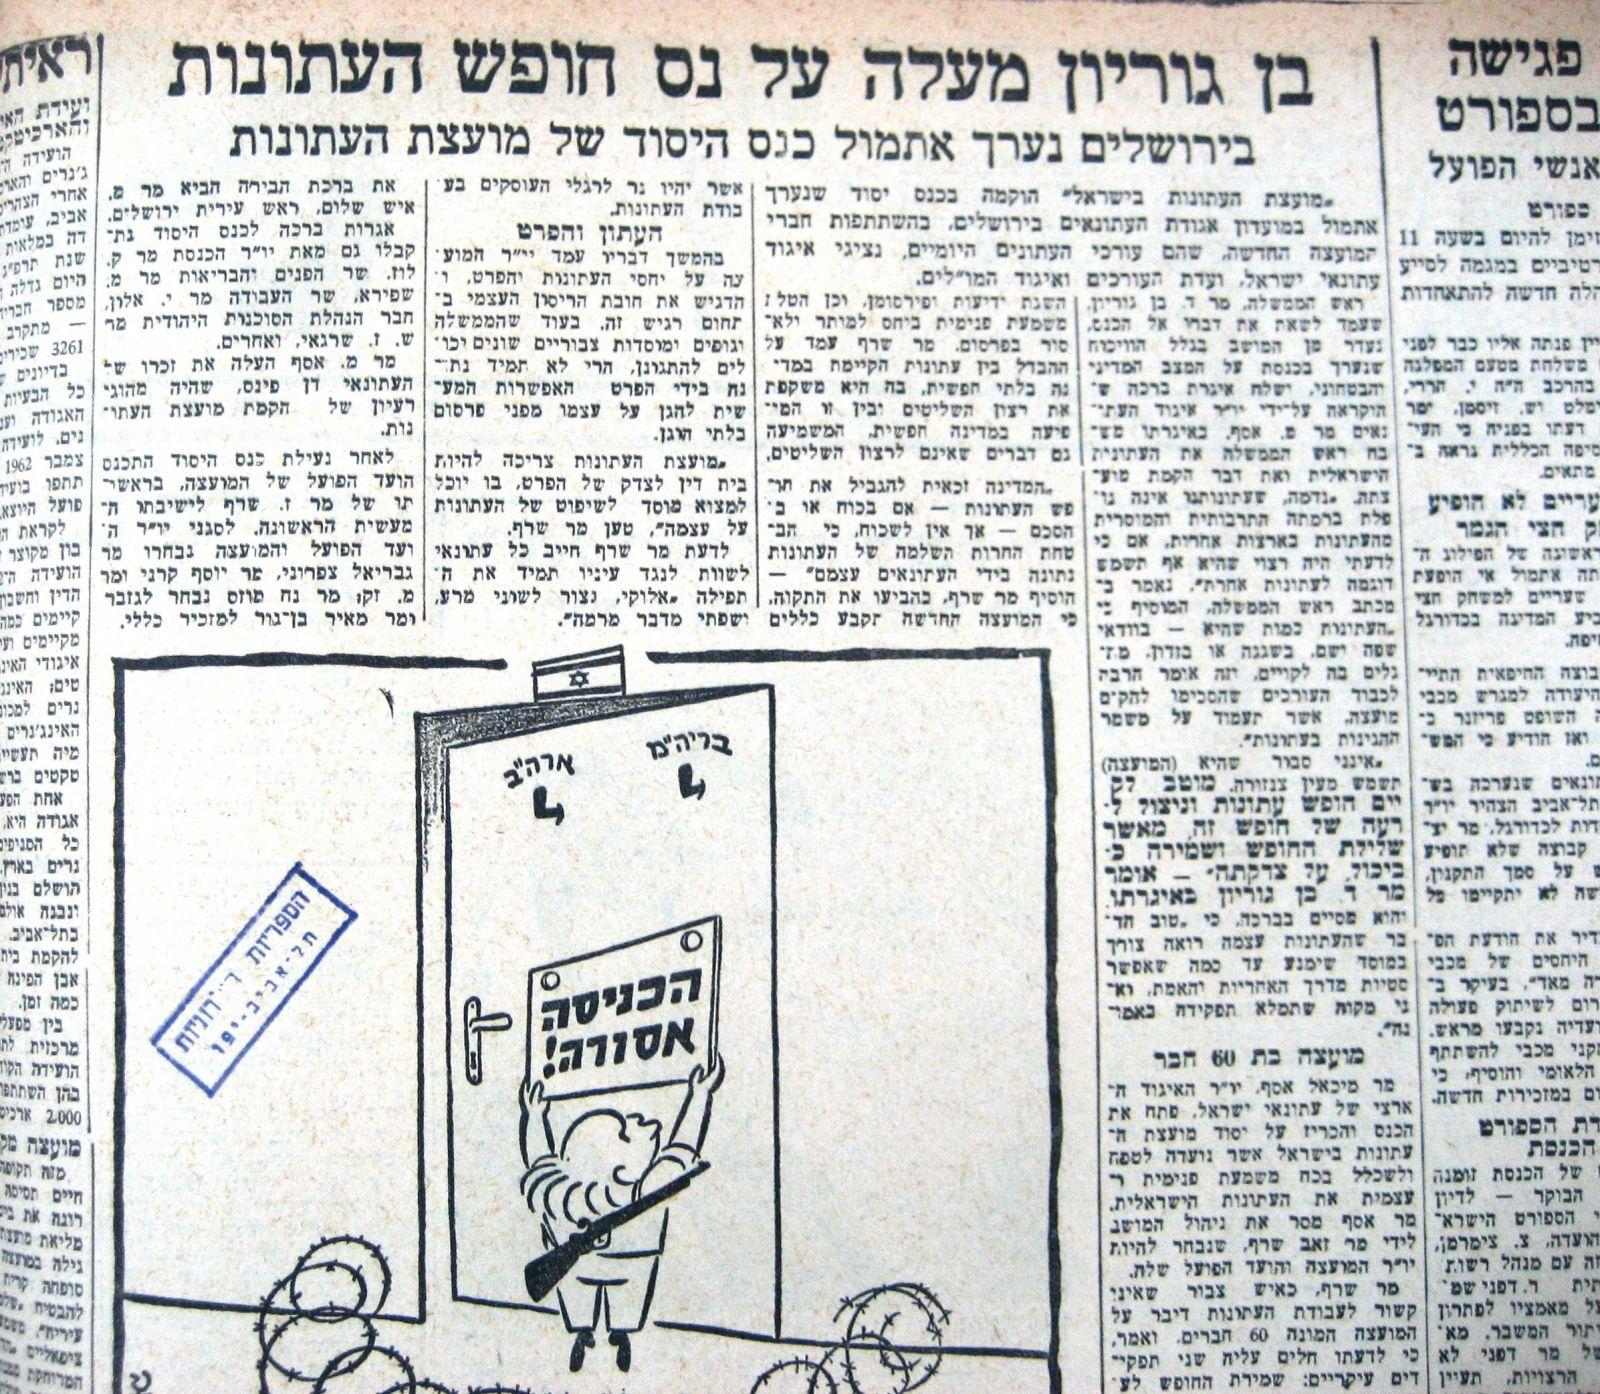 """""""בן גוריון מעלה על נס את חופש העיתונות"""", ידיעה על כנס היסוד של מועצת העיתונות, 8 במאי 1963, עמ' 2, """"הארץ"""""""